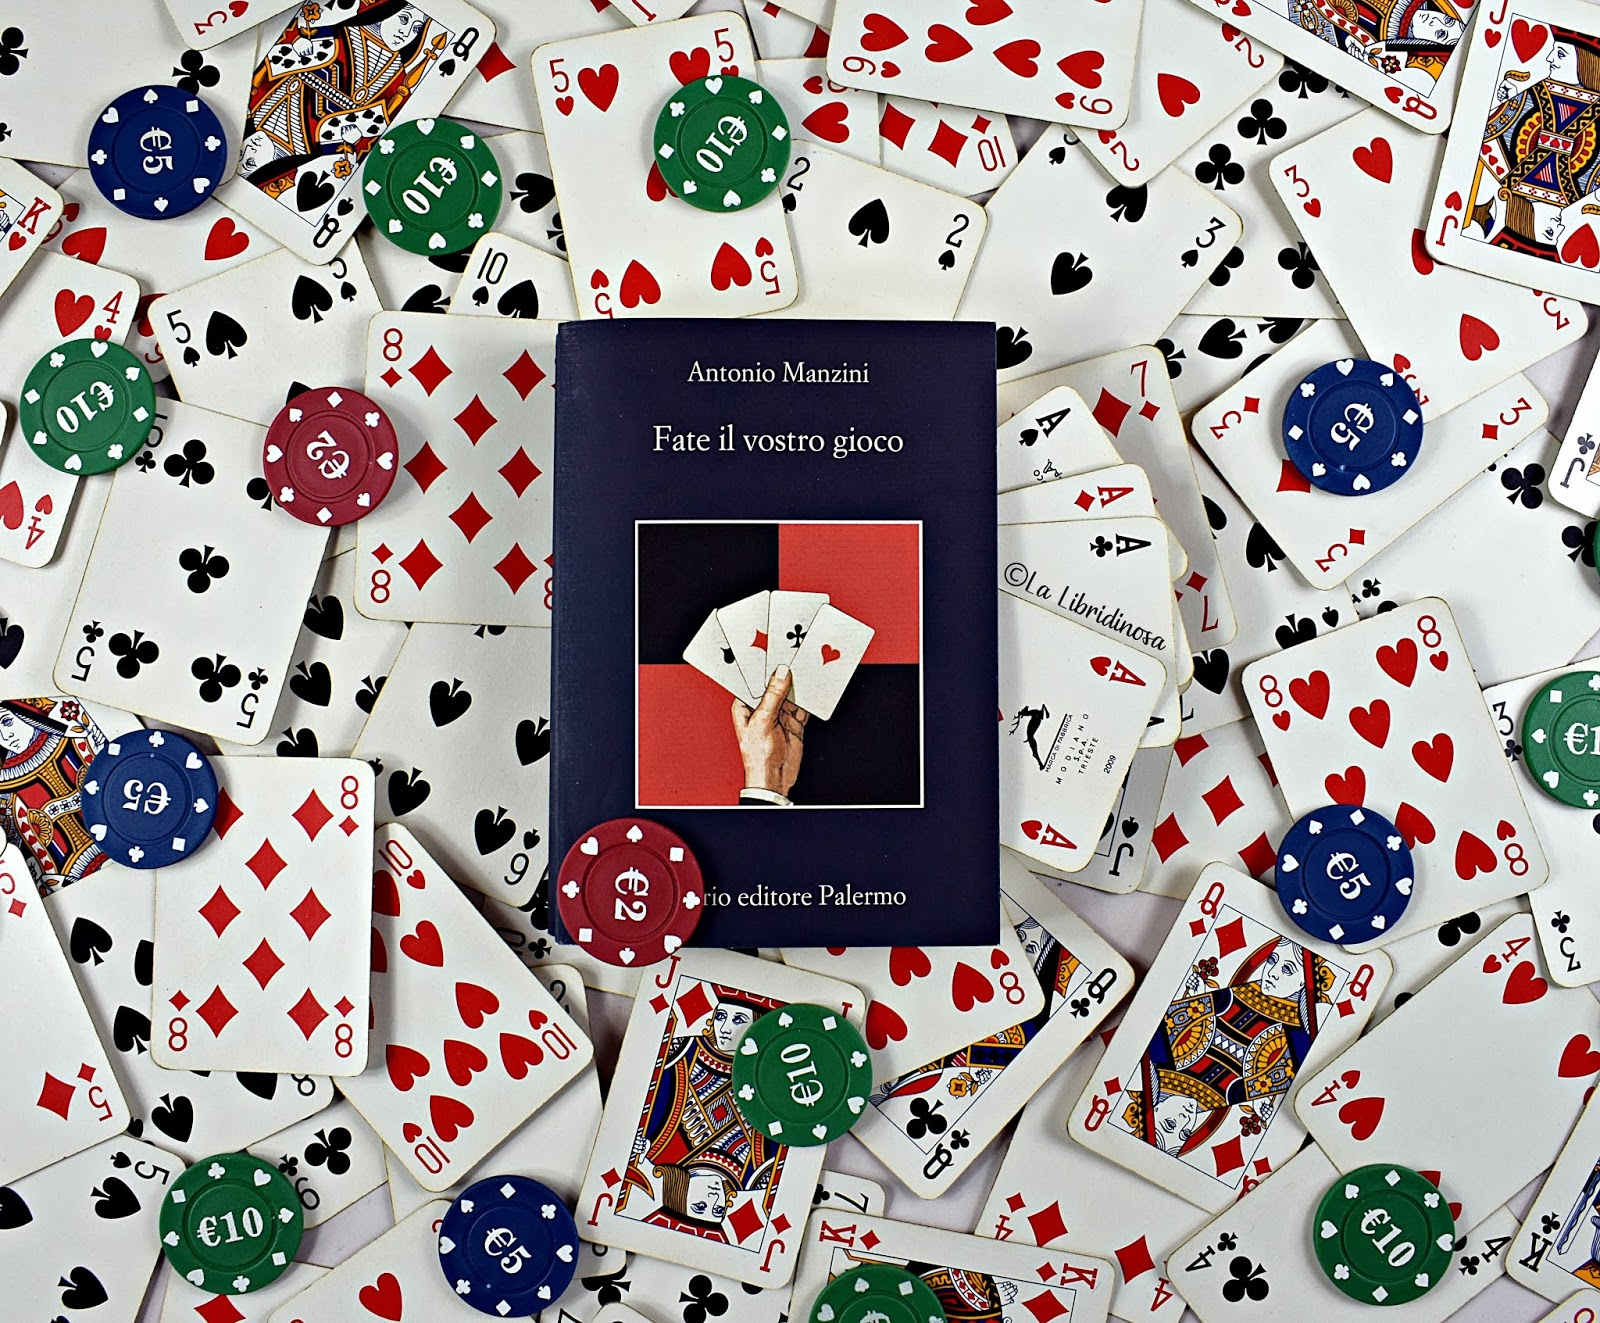 Jackpot fate il vostro gioco